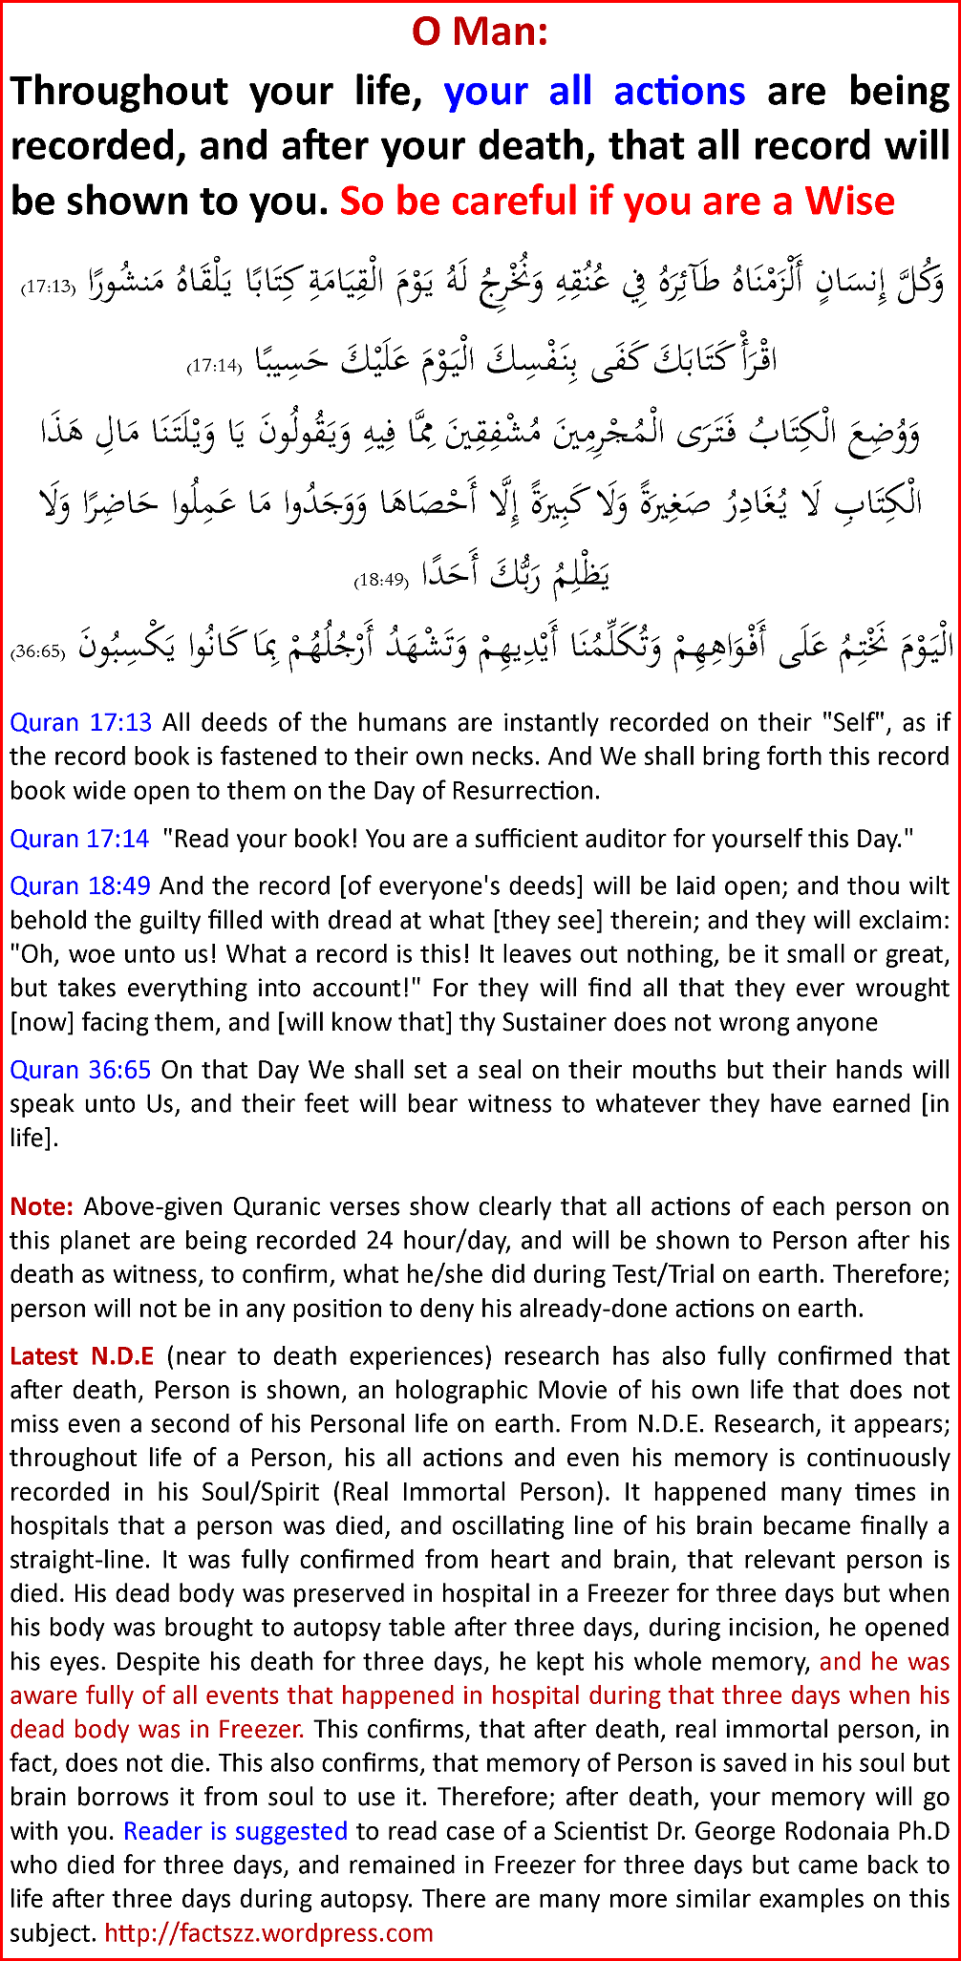 QuranicVersesPlusNDE_Note